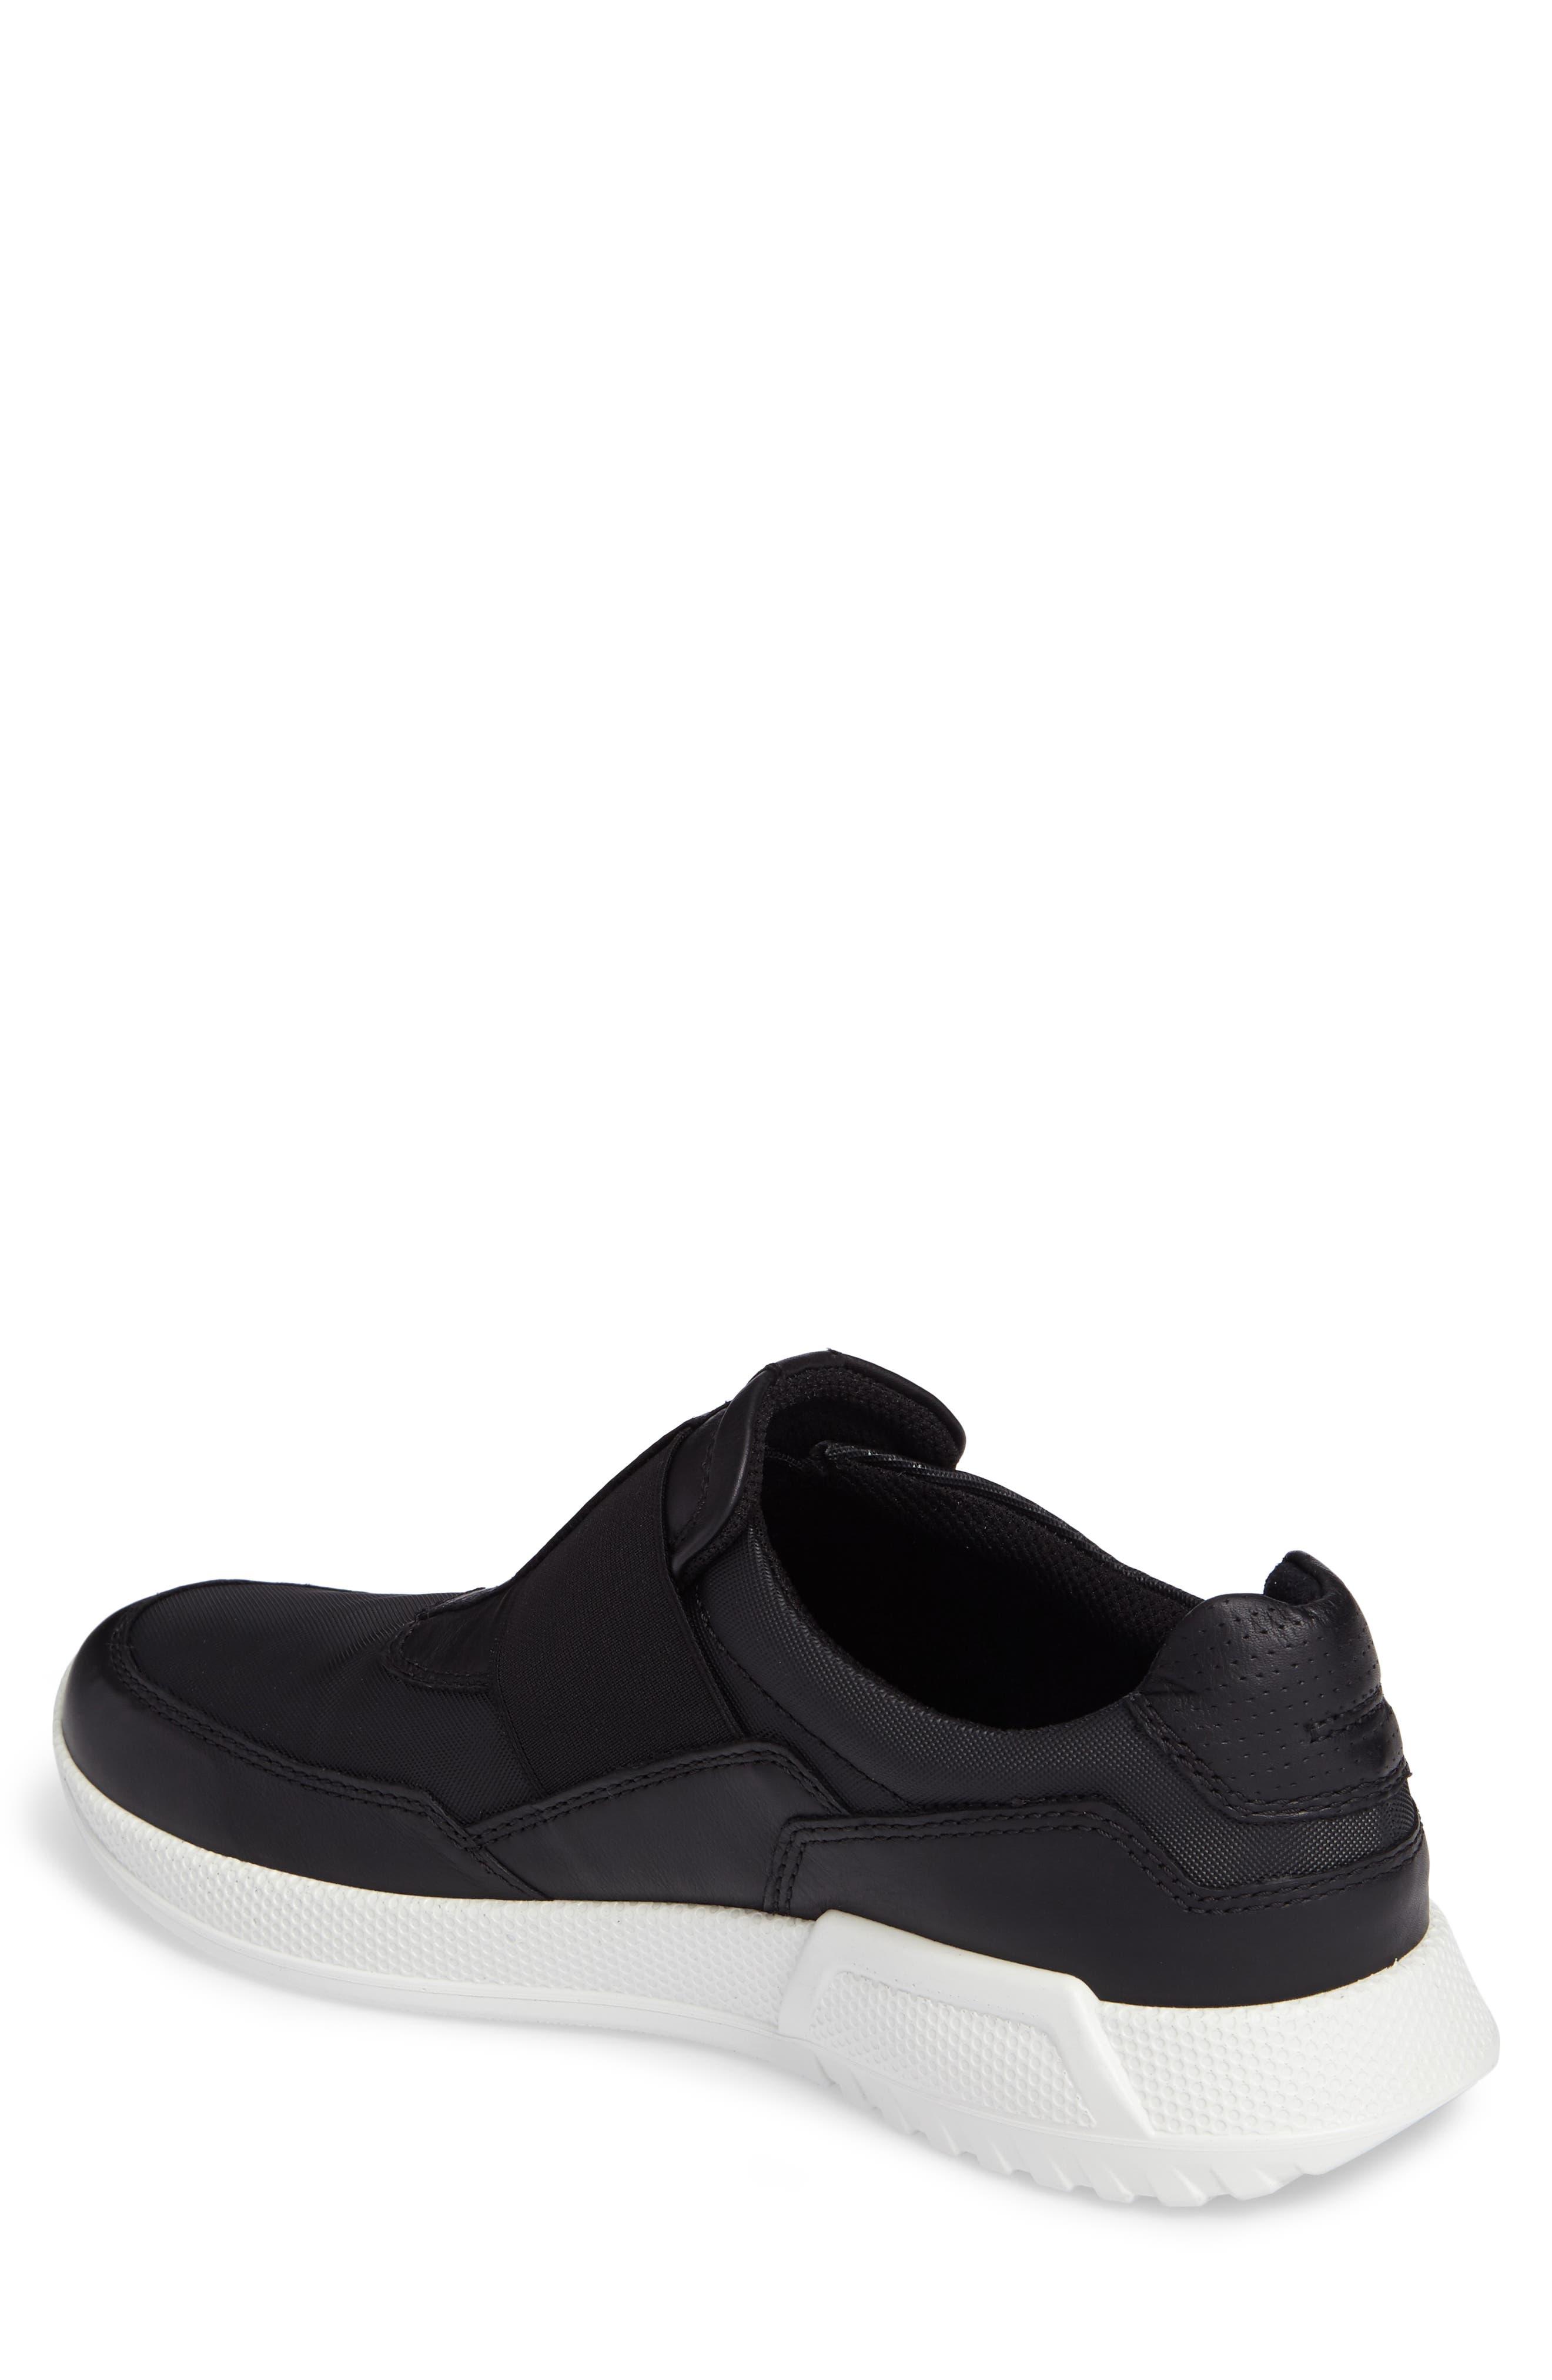 Luca Slip-On Sneaker,                             Alternate thumbnail 2, color,                             001